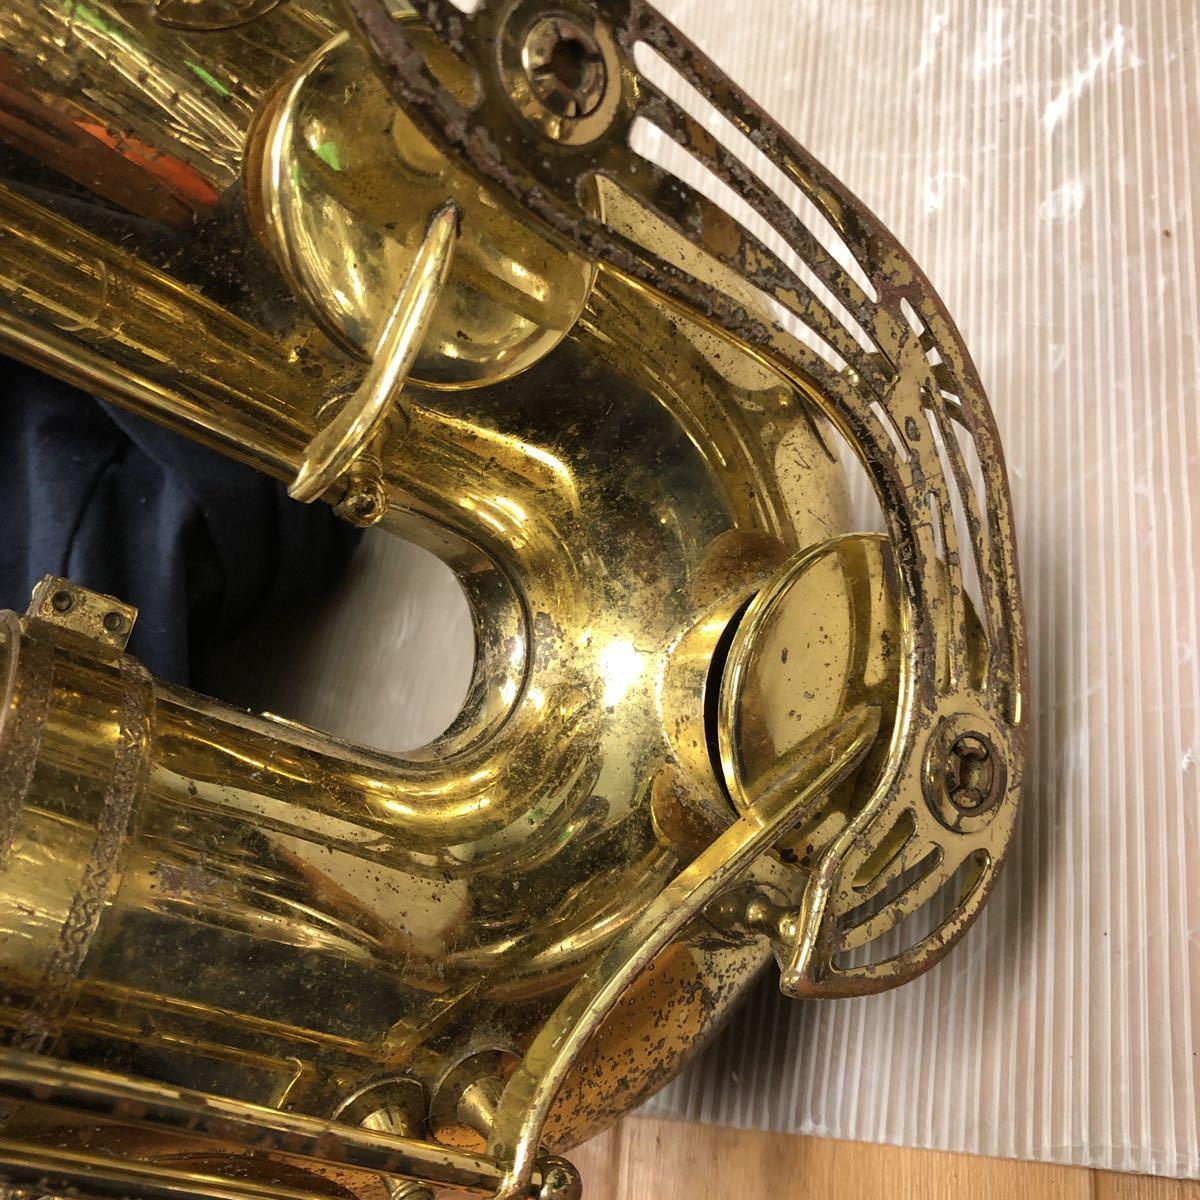 ★YAMAHA★ヤマハ バリトンサックス YBS-61 木管楽器 プロモデル 5388 ヴィンテージ 中古現状品 _画像10